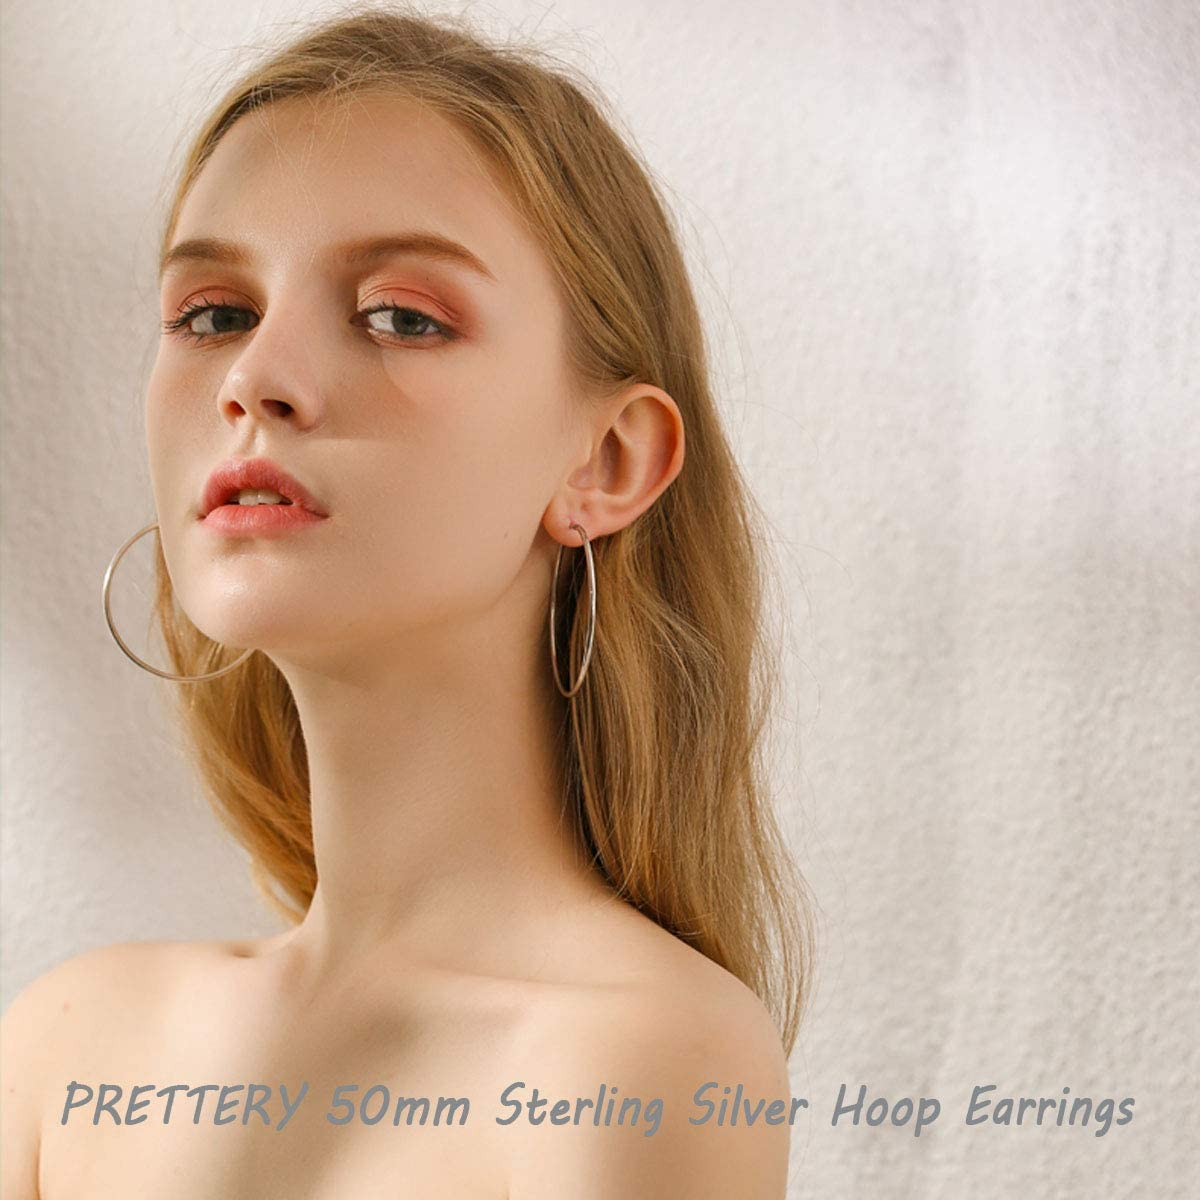 Diam/ètre 30mm 40mm 50mm 60mm PRETTERY Cr/éoles en Argent Sterling 925 Boucles doreilles Grand Cerceau Rondes Polies Bijoux Cadeaux pour Femmes Filles